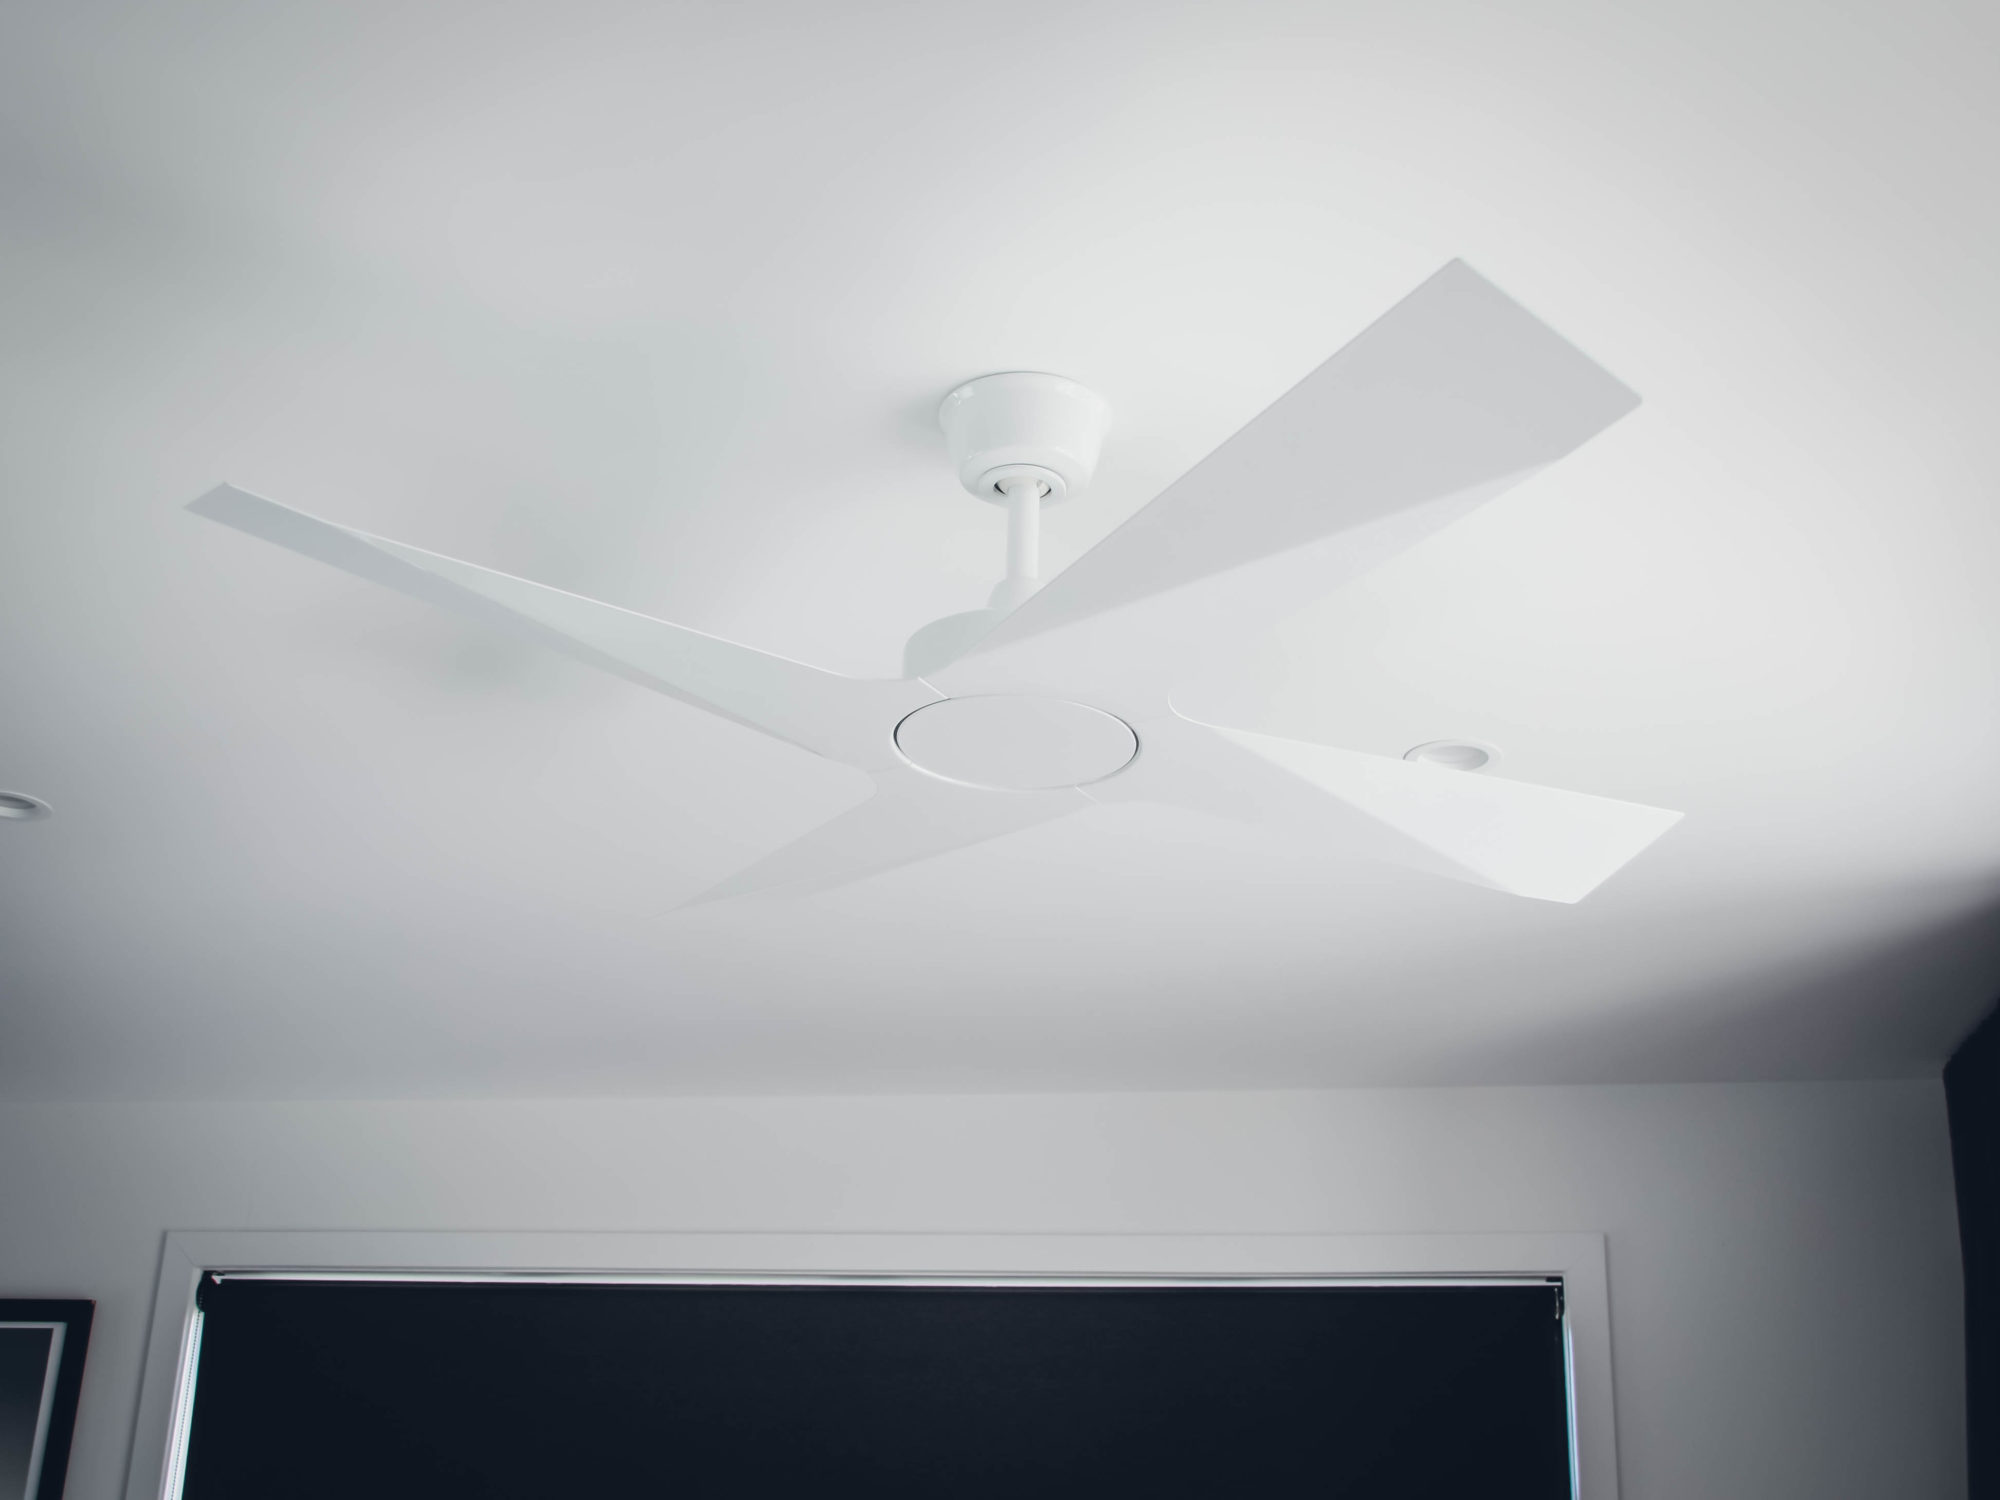 Modn 4 Ceiling Fan 33